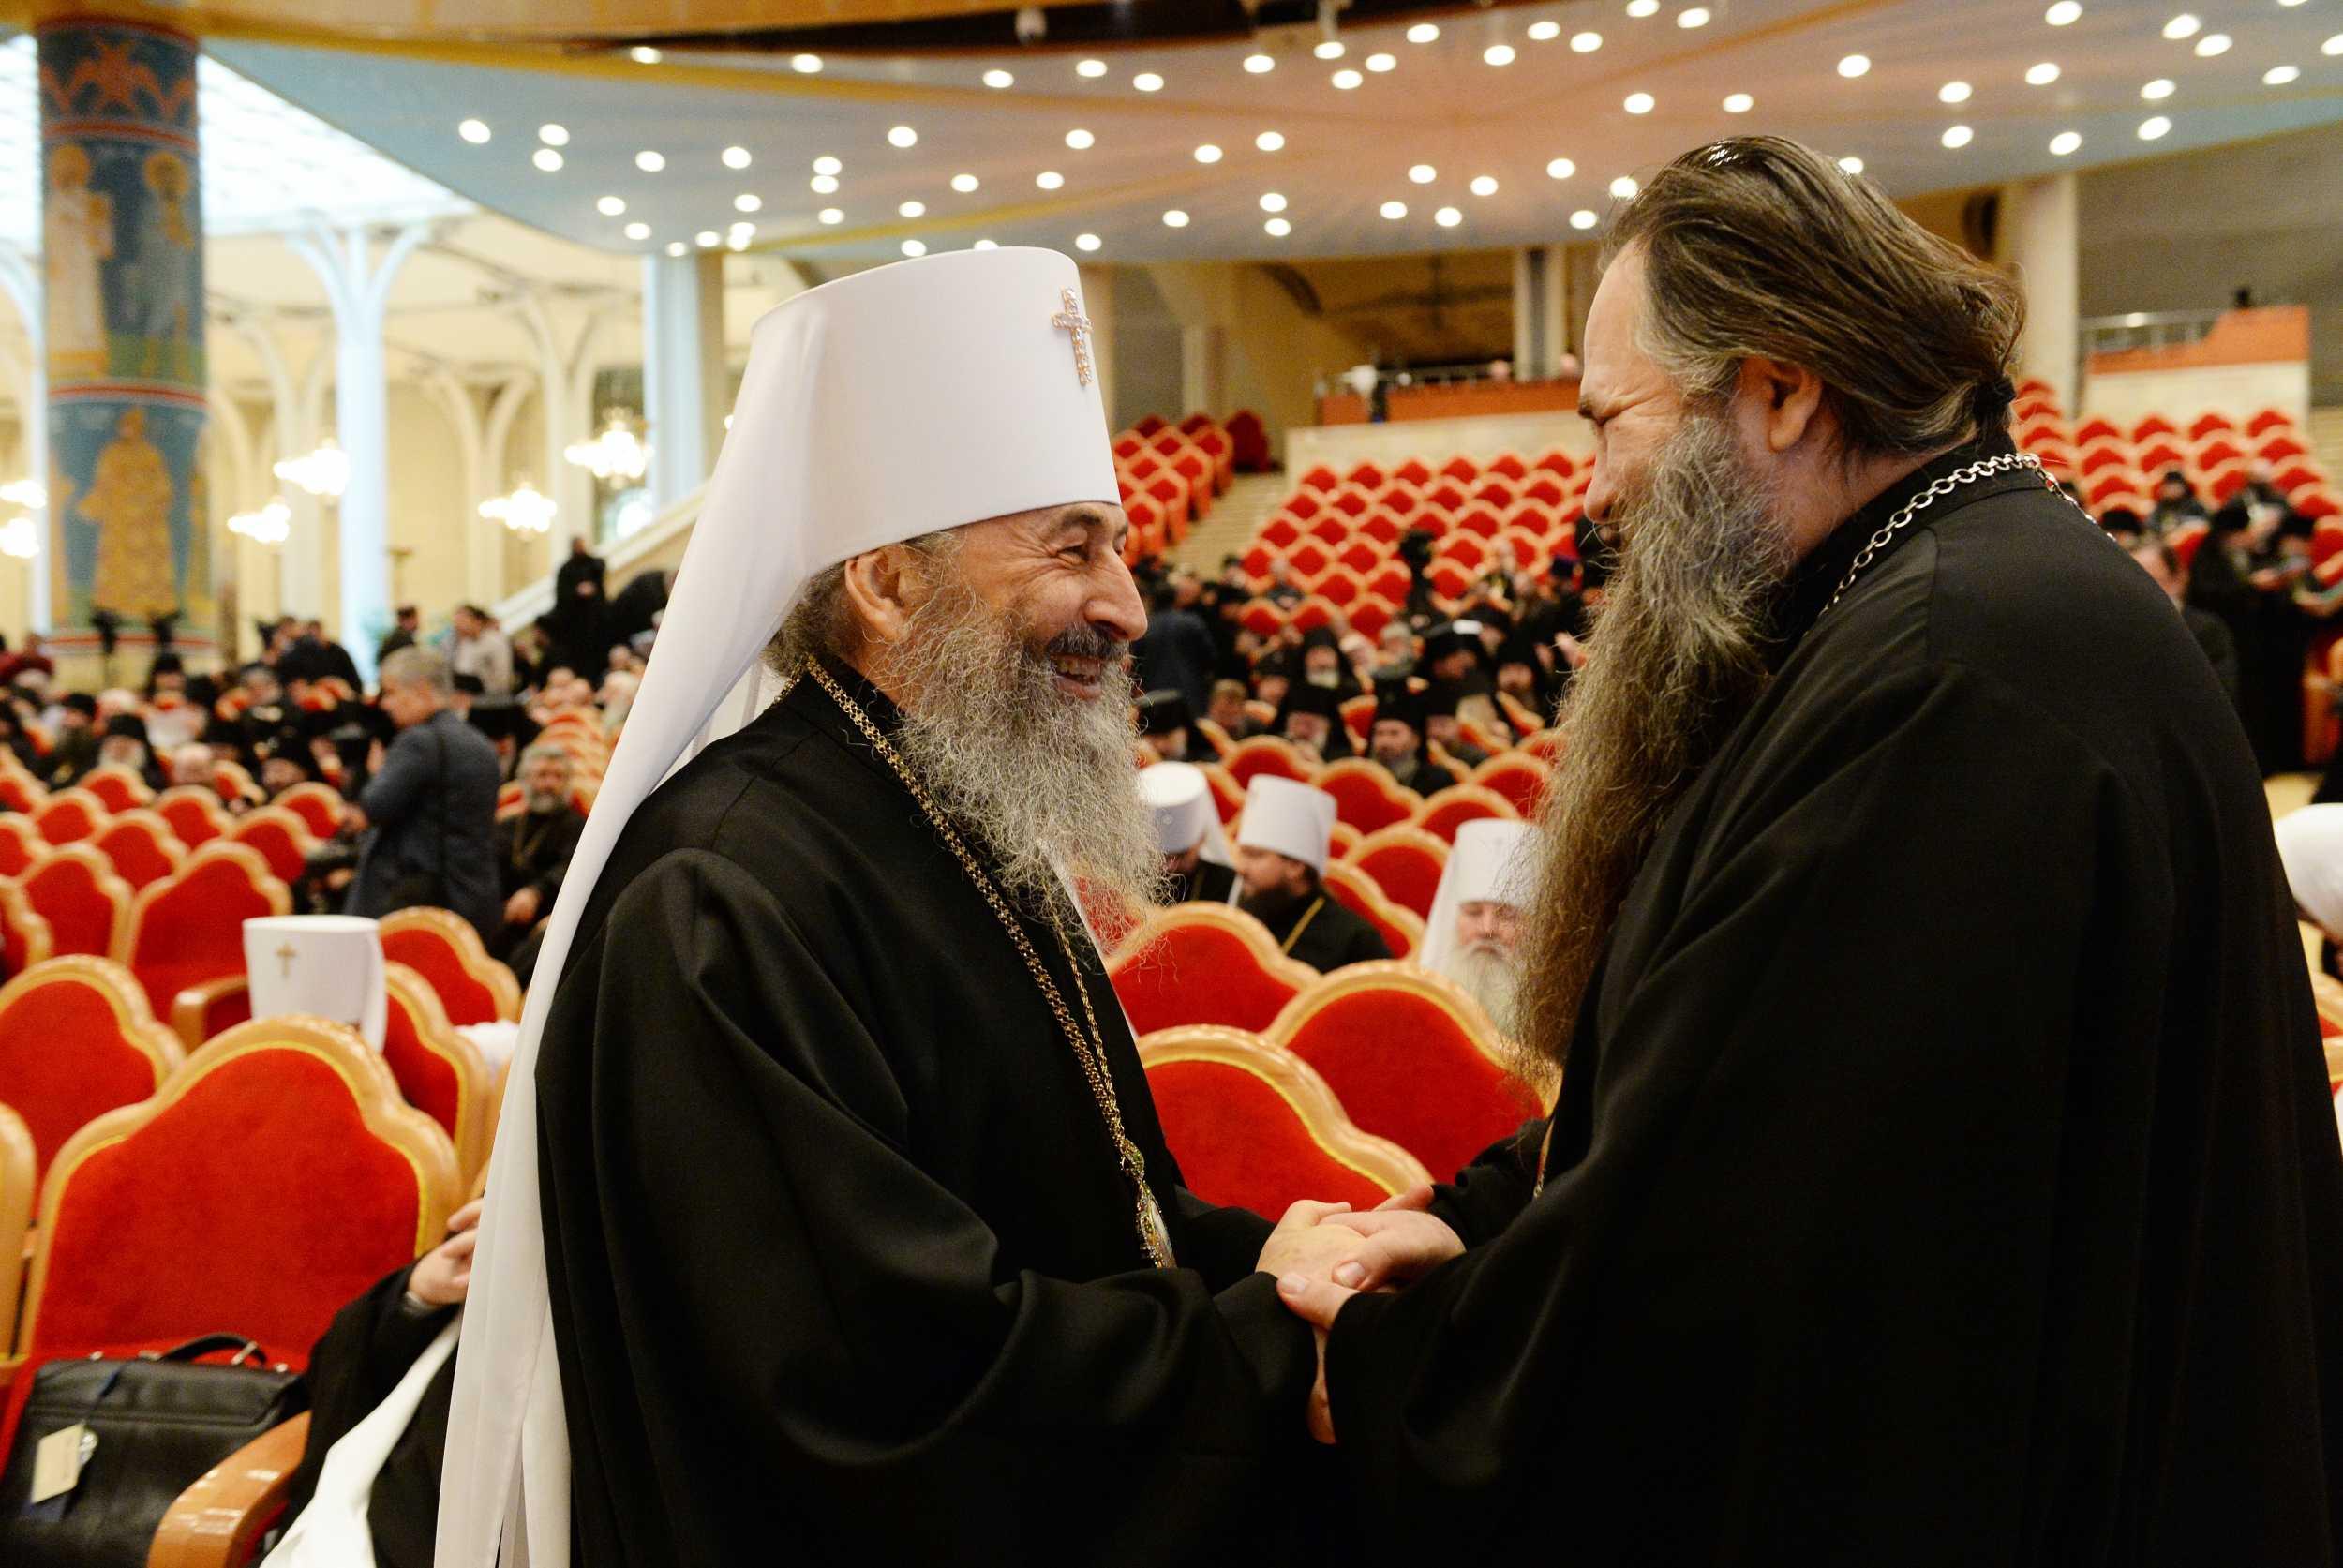 Митрополит Георгий поделился впечатлениями о первом дне работы Архиерейского Собора Русской Православной Церкви